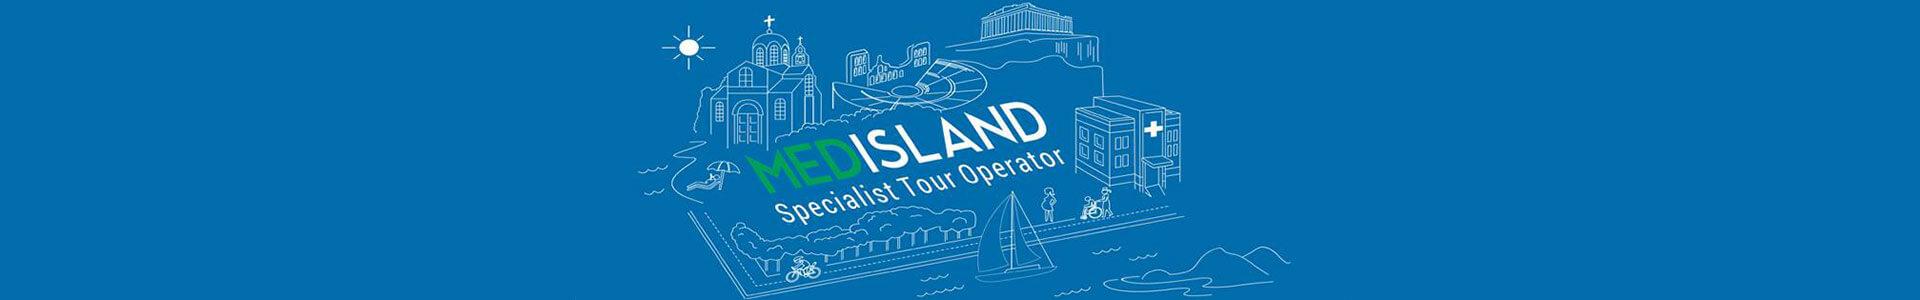 Medisland - Specialist tour operator